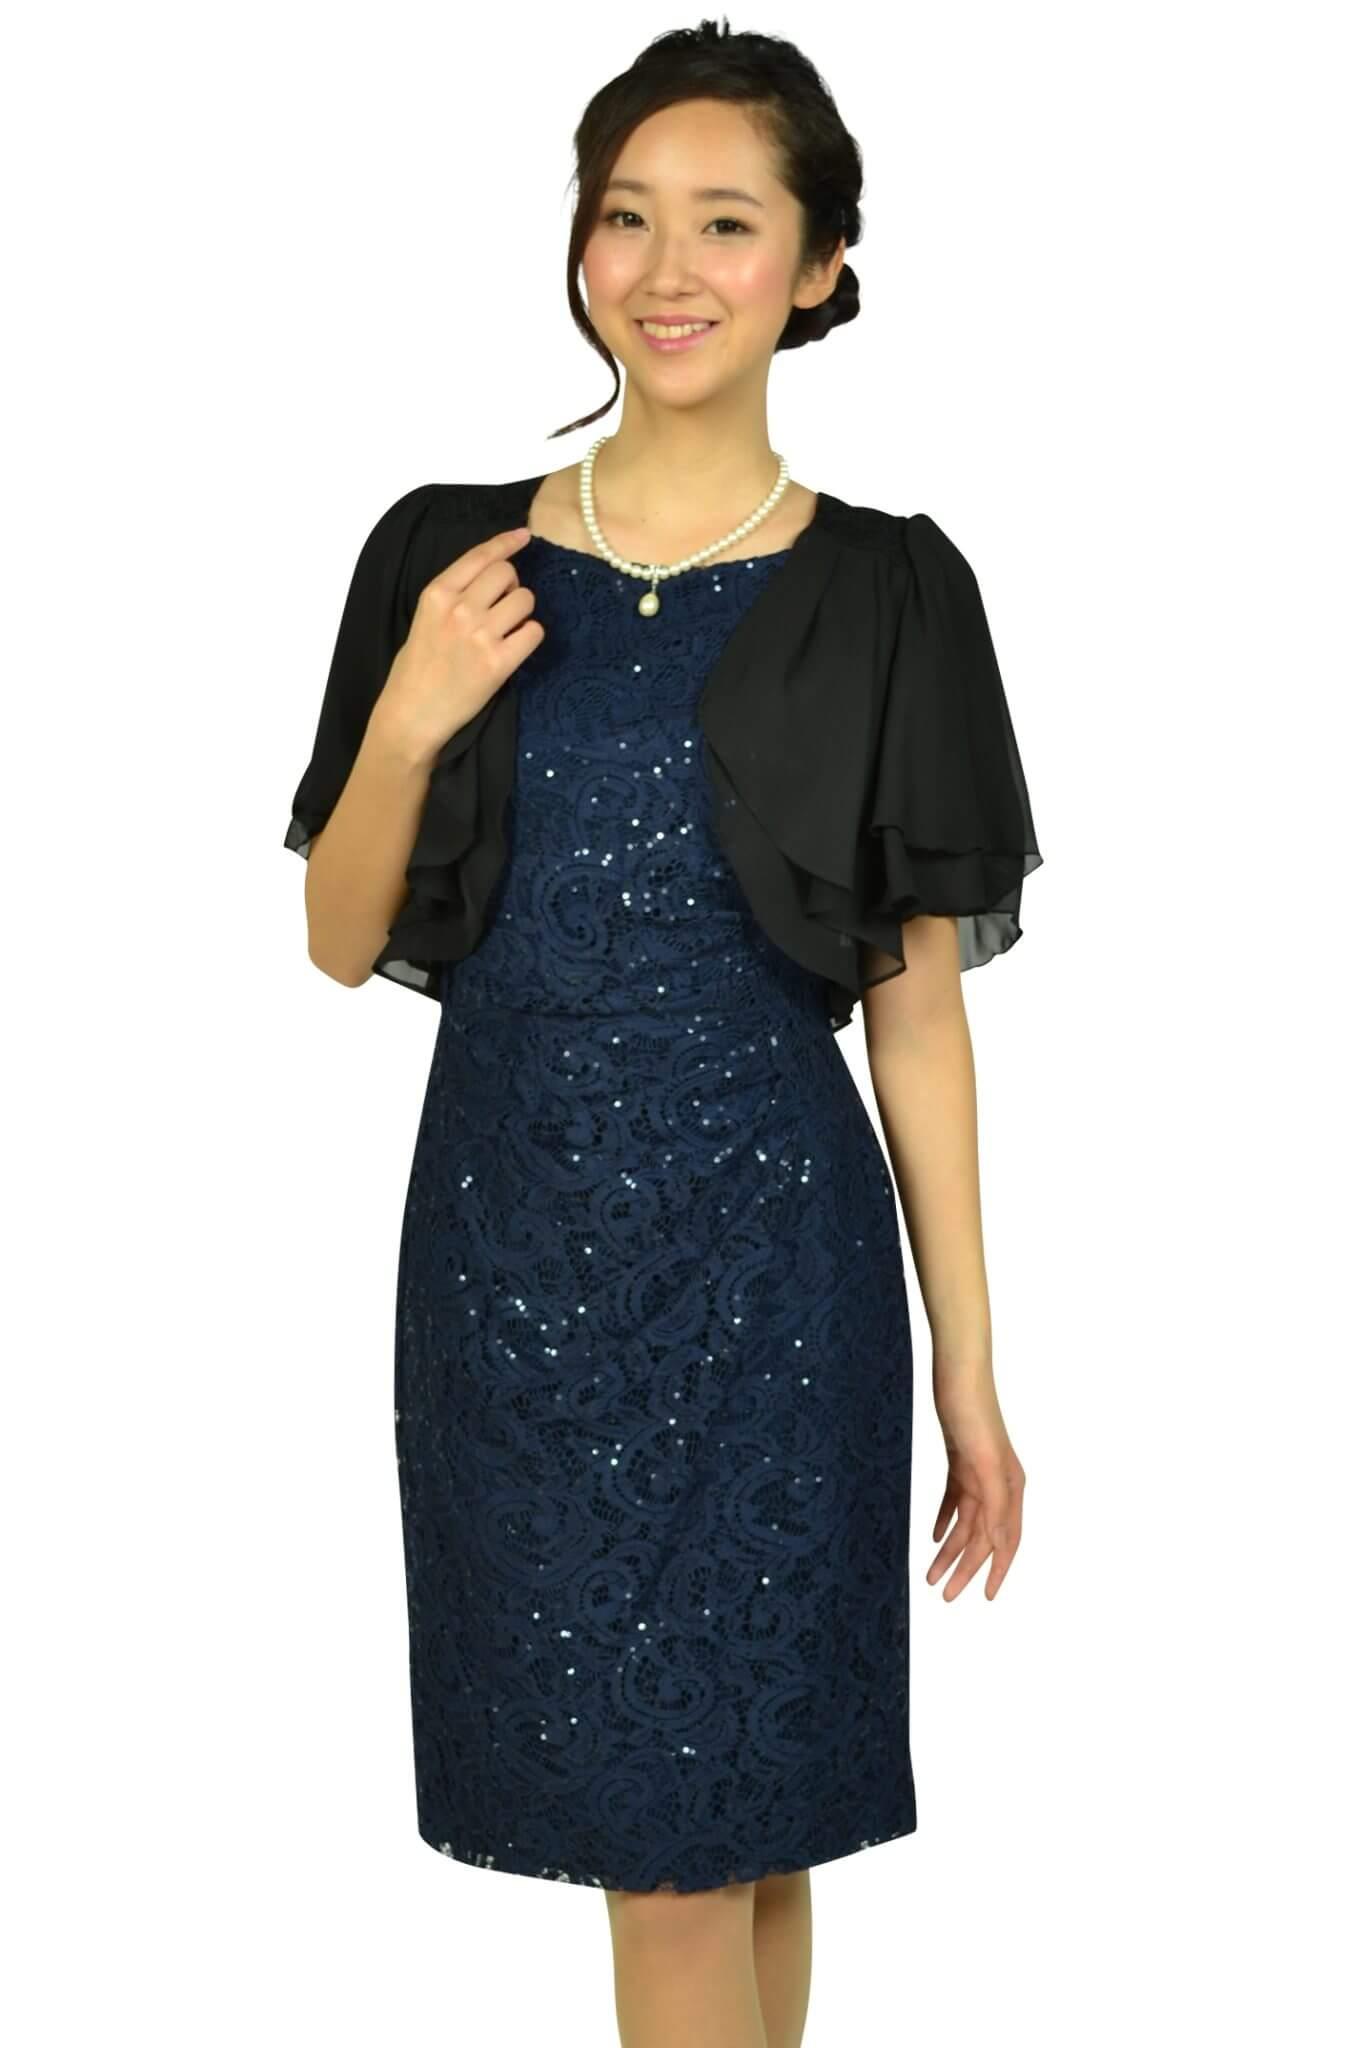 ローレンラルフローレン (LAUREN RALPH LAUREN)レーススパンコールネイビードレス